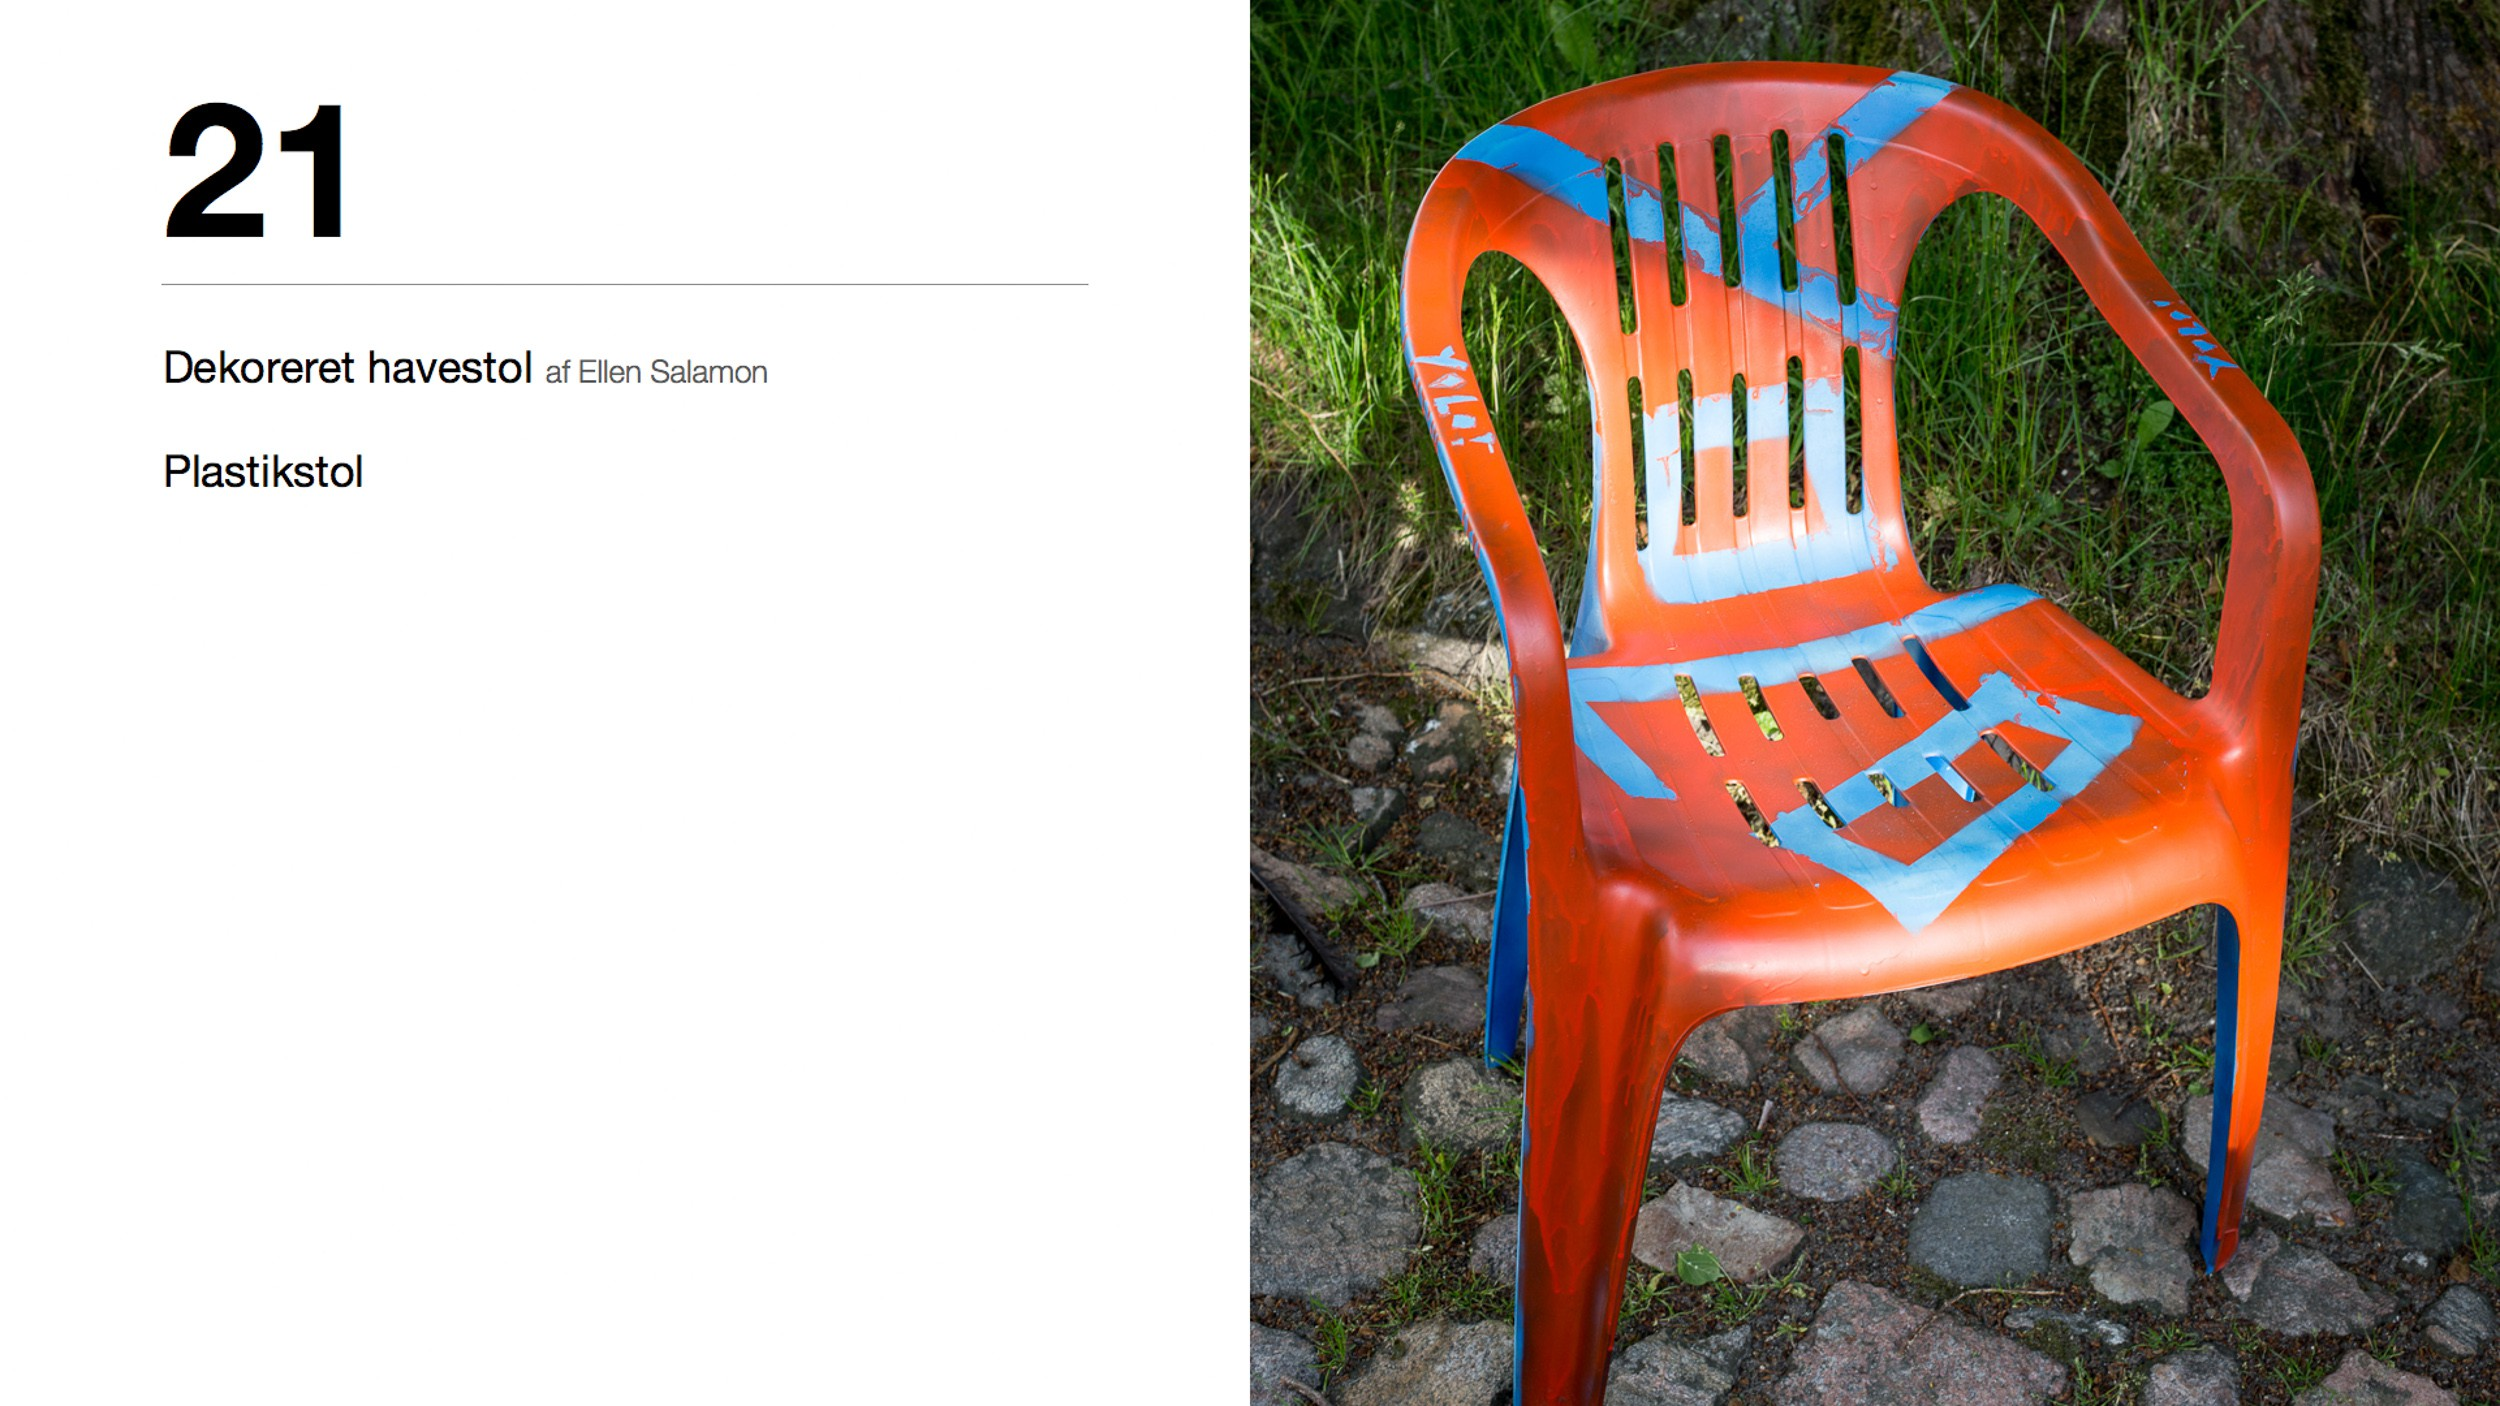 Design Auktion - Kunsthøjskolen